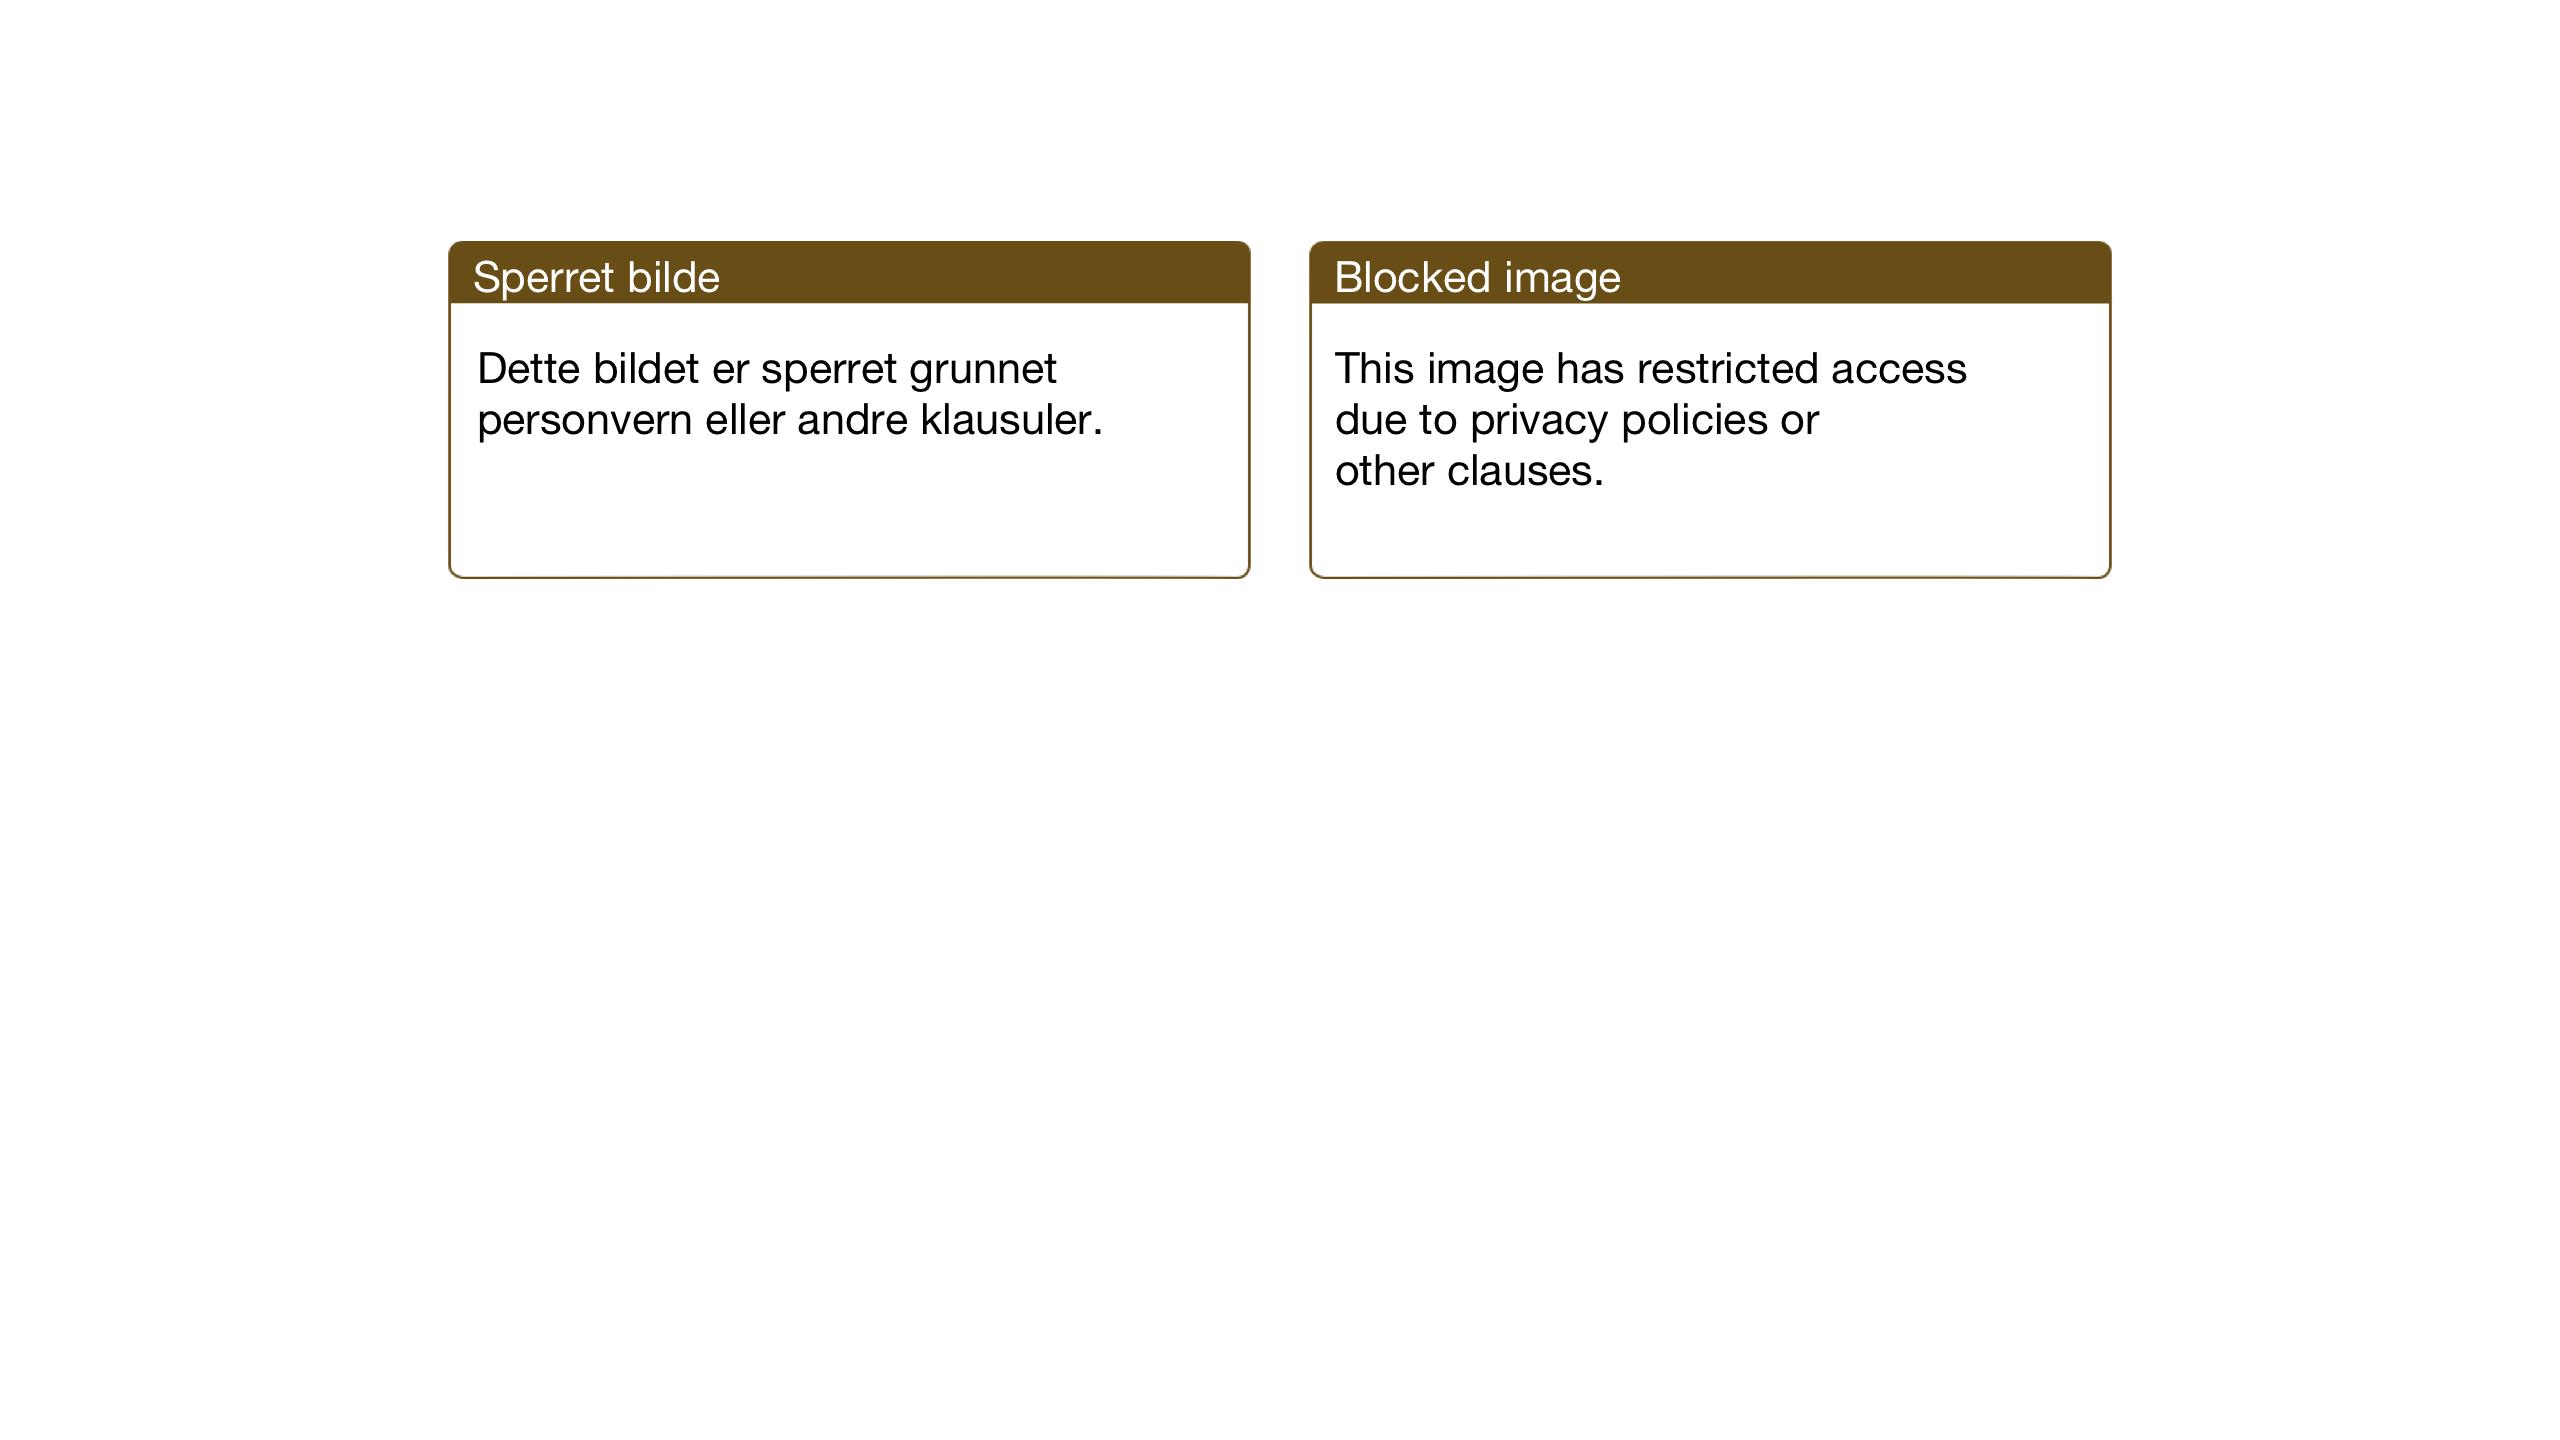 SAT, Ministerialprotokoller, klokkerbøker og fødselsregistre - Nord-Trøndelag, 722/L0227: Klokkerbok nr. 722C03, 1928-1958, s. 70